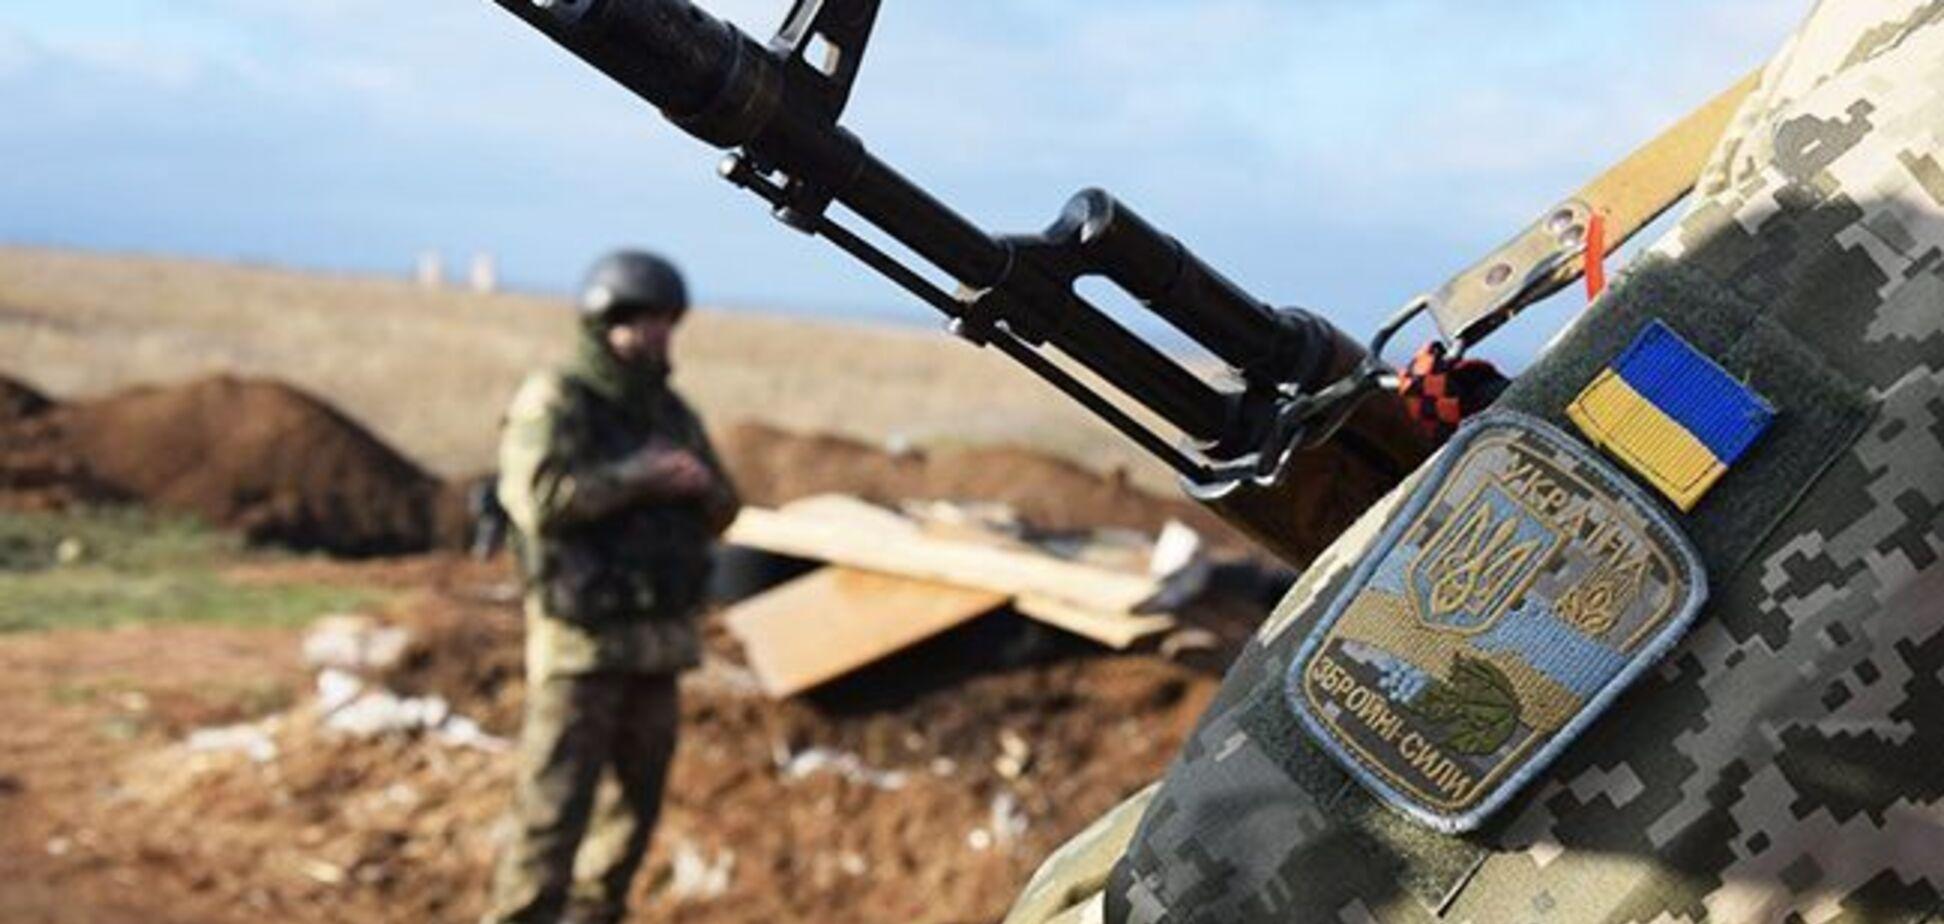 Ситуація загострюється: терористи підло поранили бійців ЗСУ на Донбасі